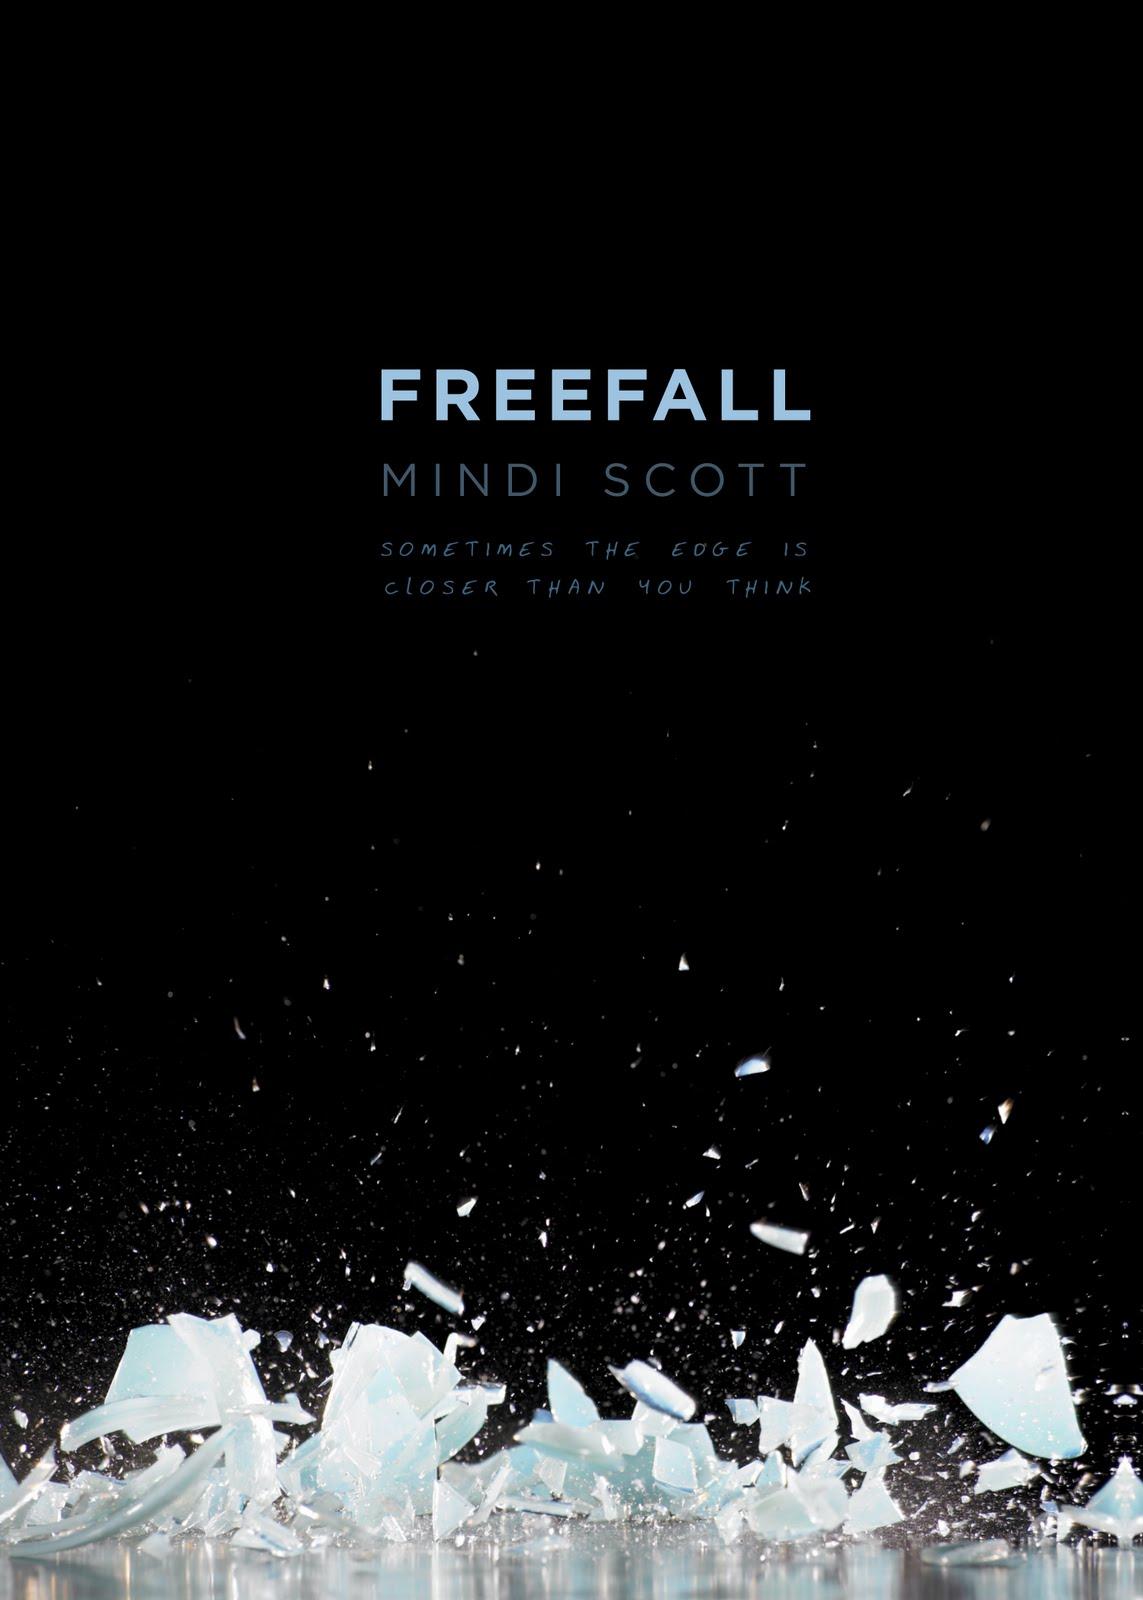 Minimalist Ya Book Covers ~ Readergirlz story secrets freefall by mindi scott